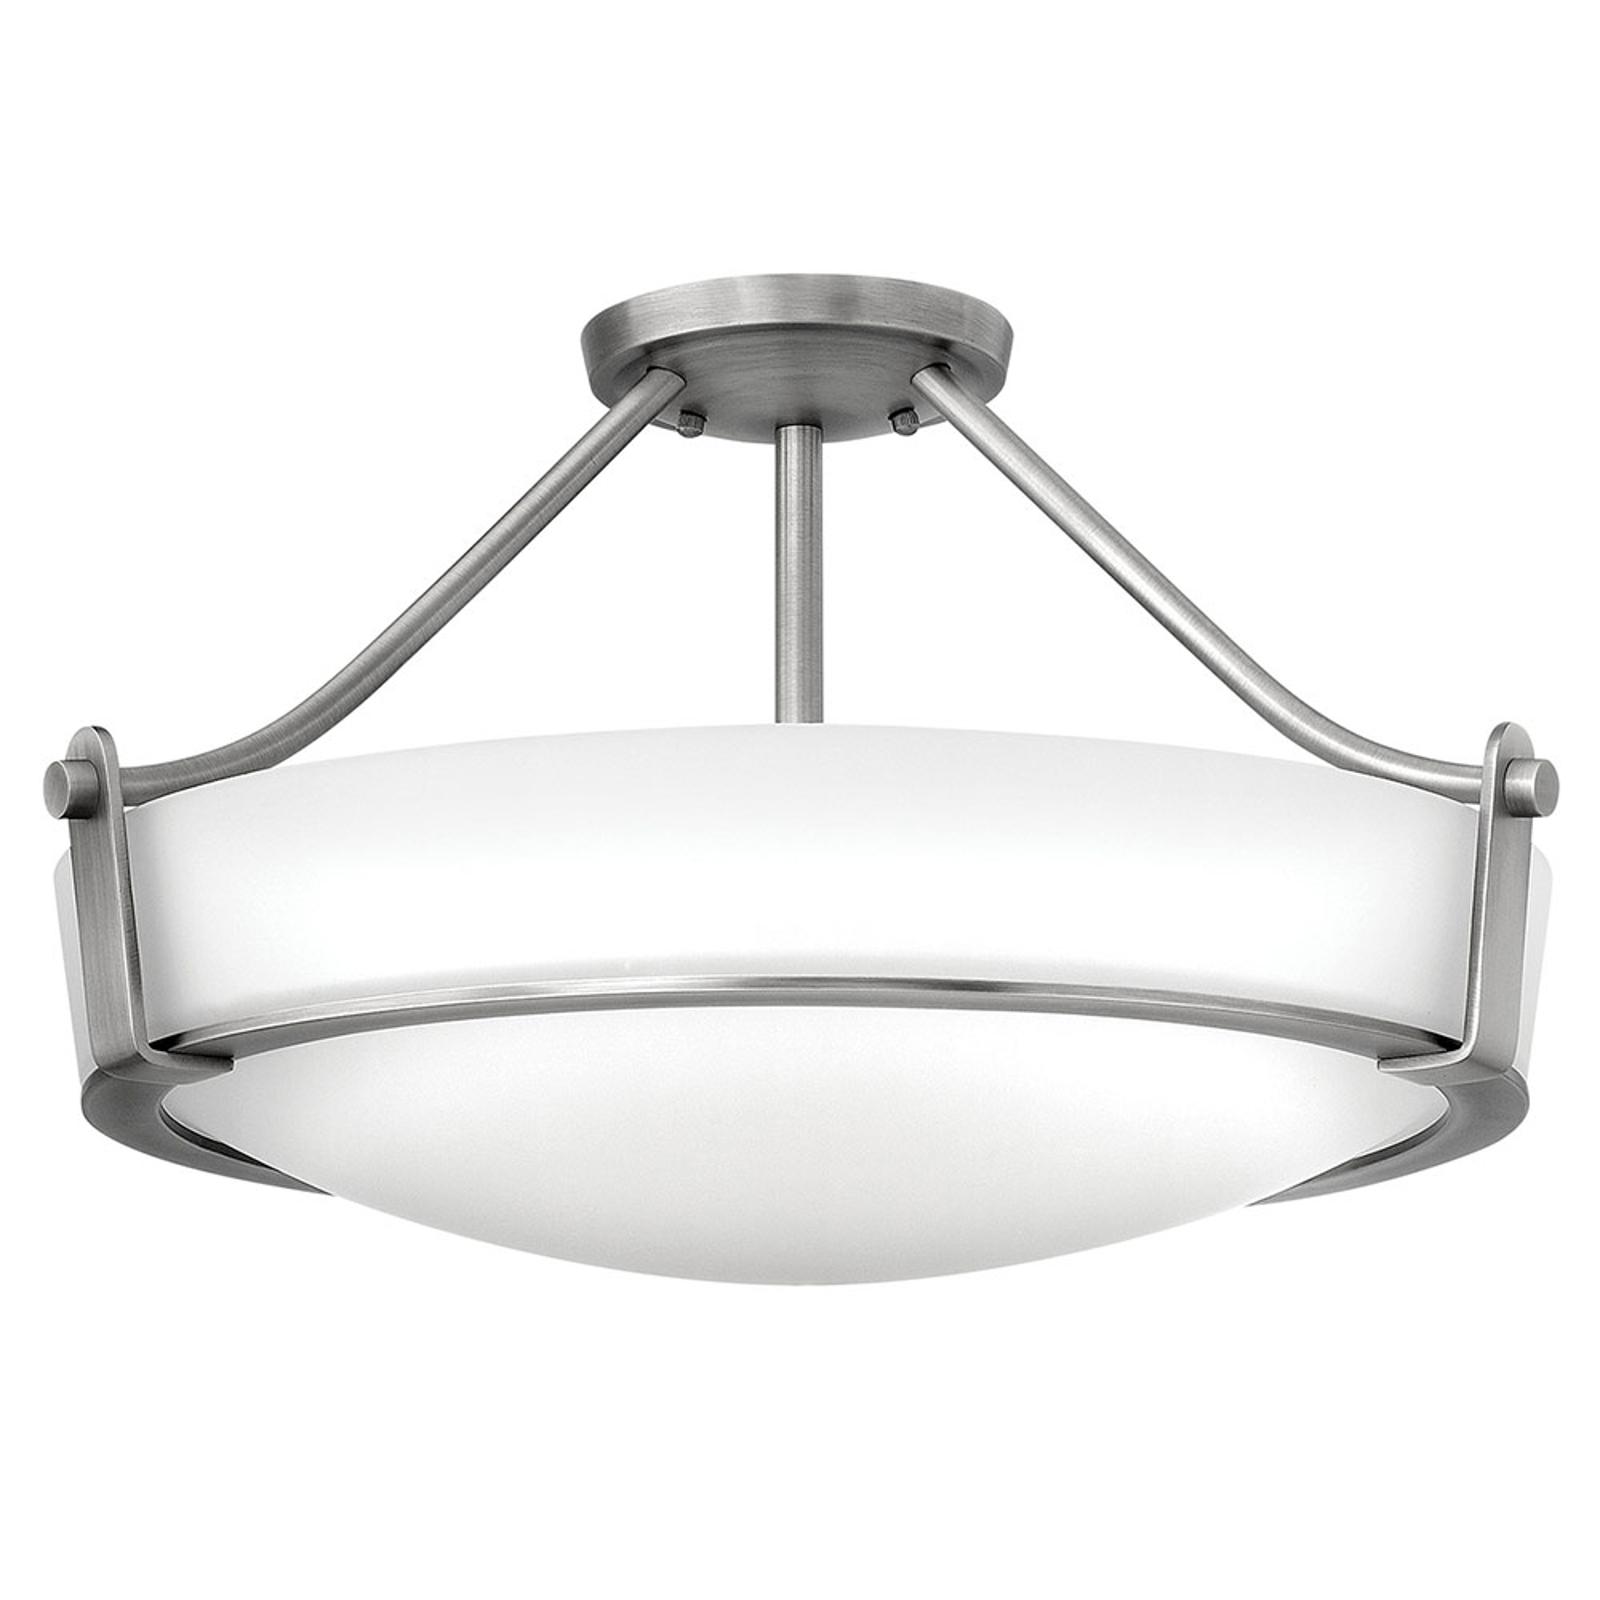 Lampa sufitowa Hathaway z dystansem, nikiel Ø 53cm